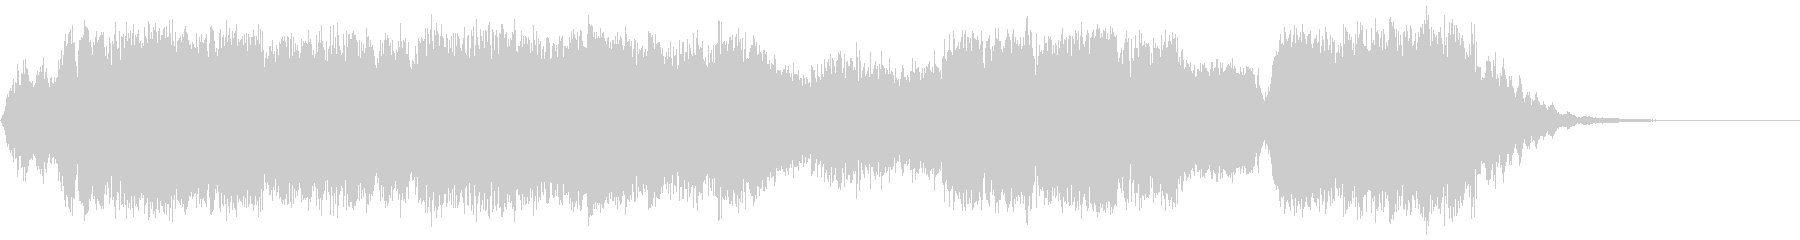 オールインワンの未再生の波形